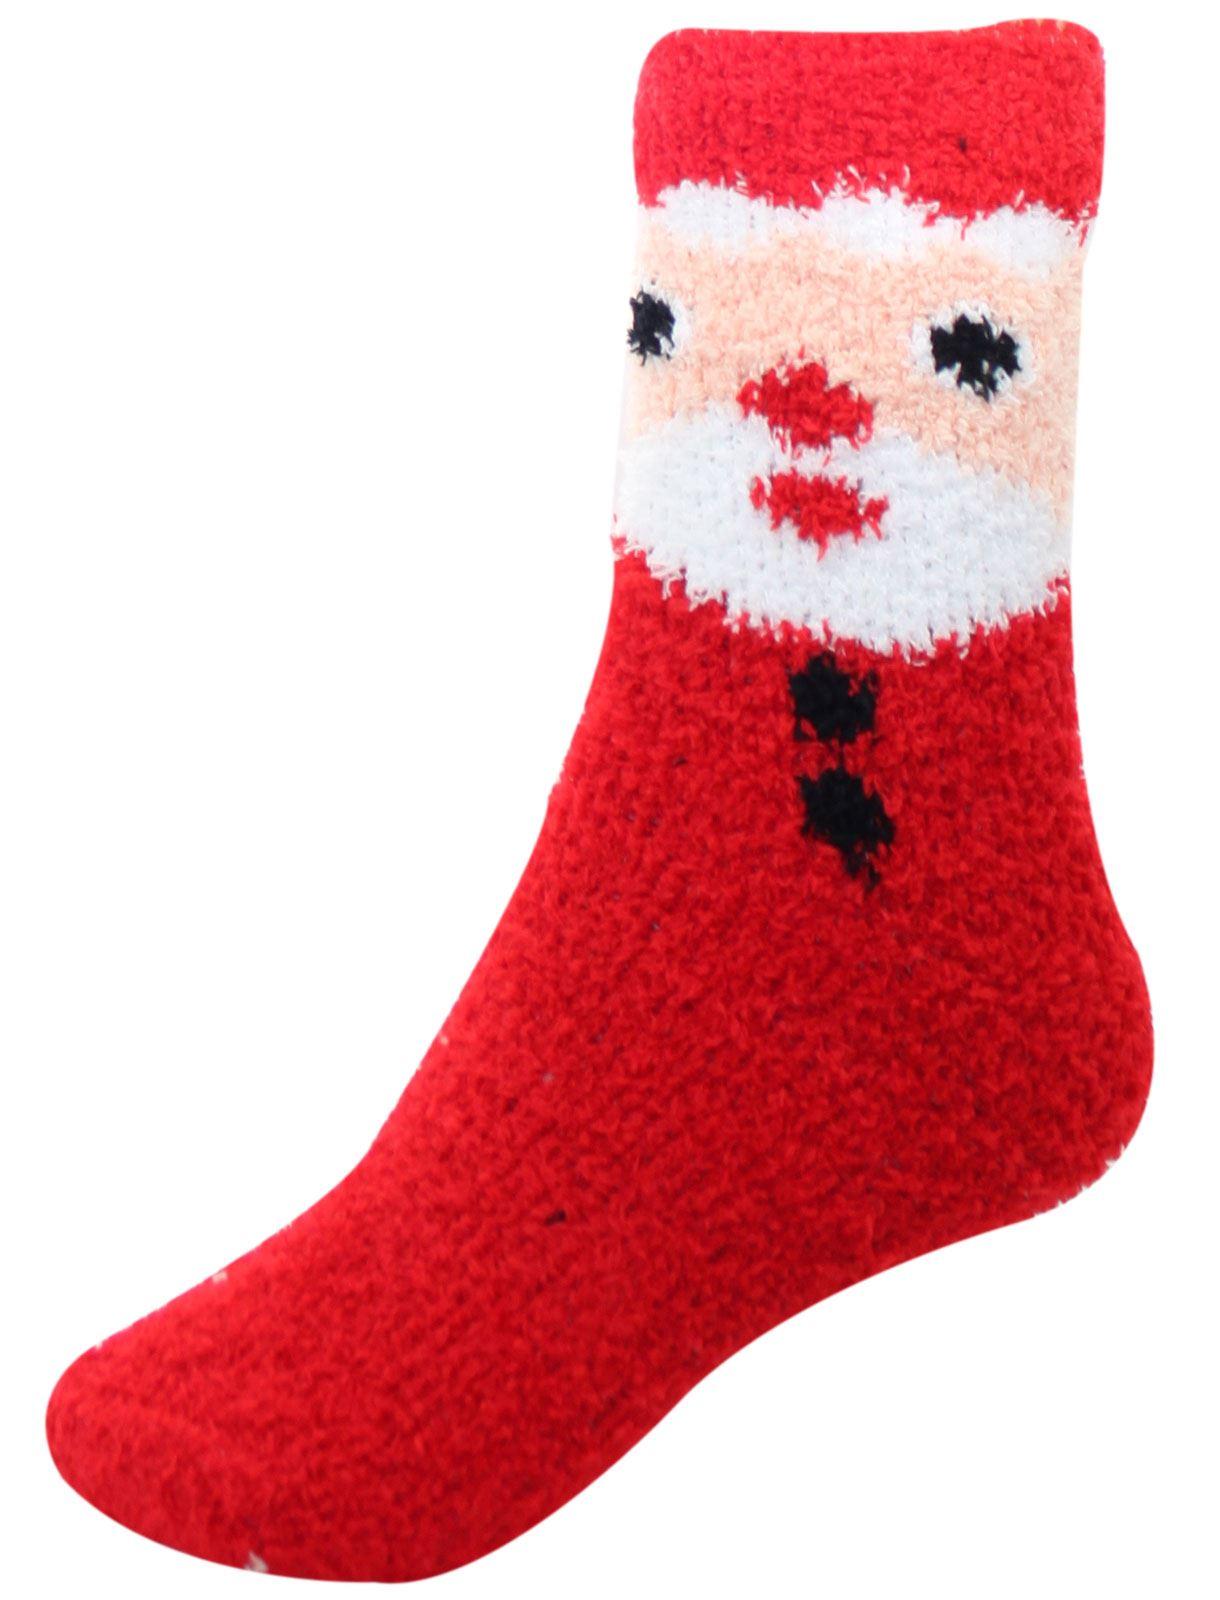 Damen Weihnachtsgeschenk Packung weich Winter Neu Luxus kuschelig ...